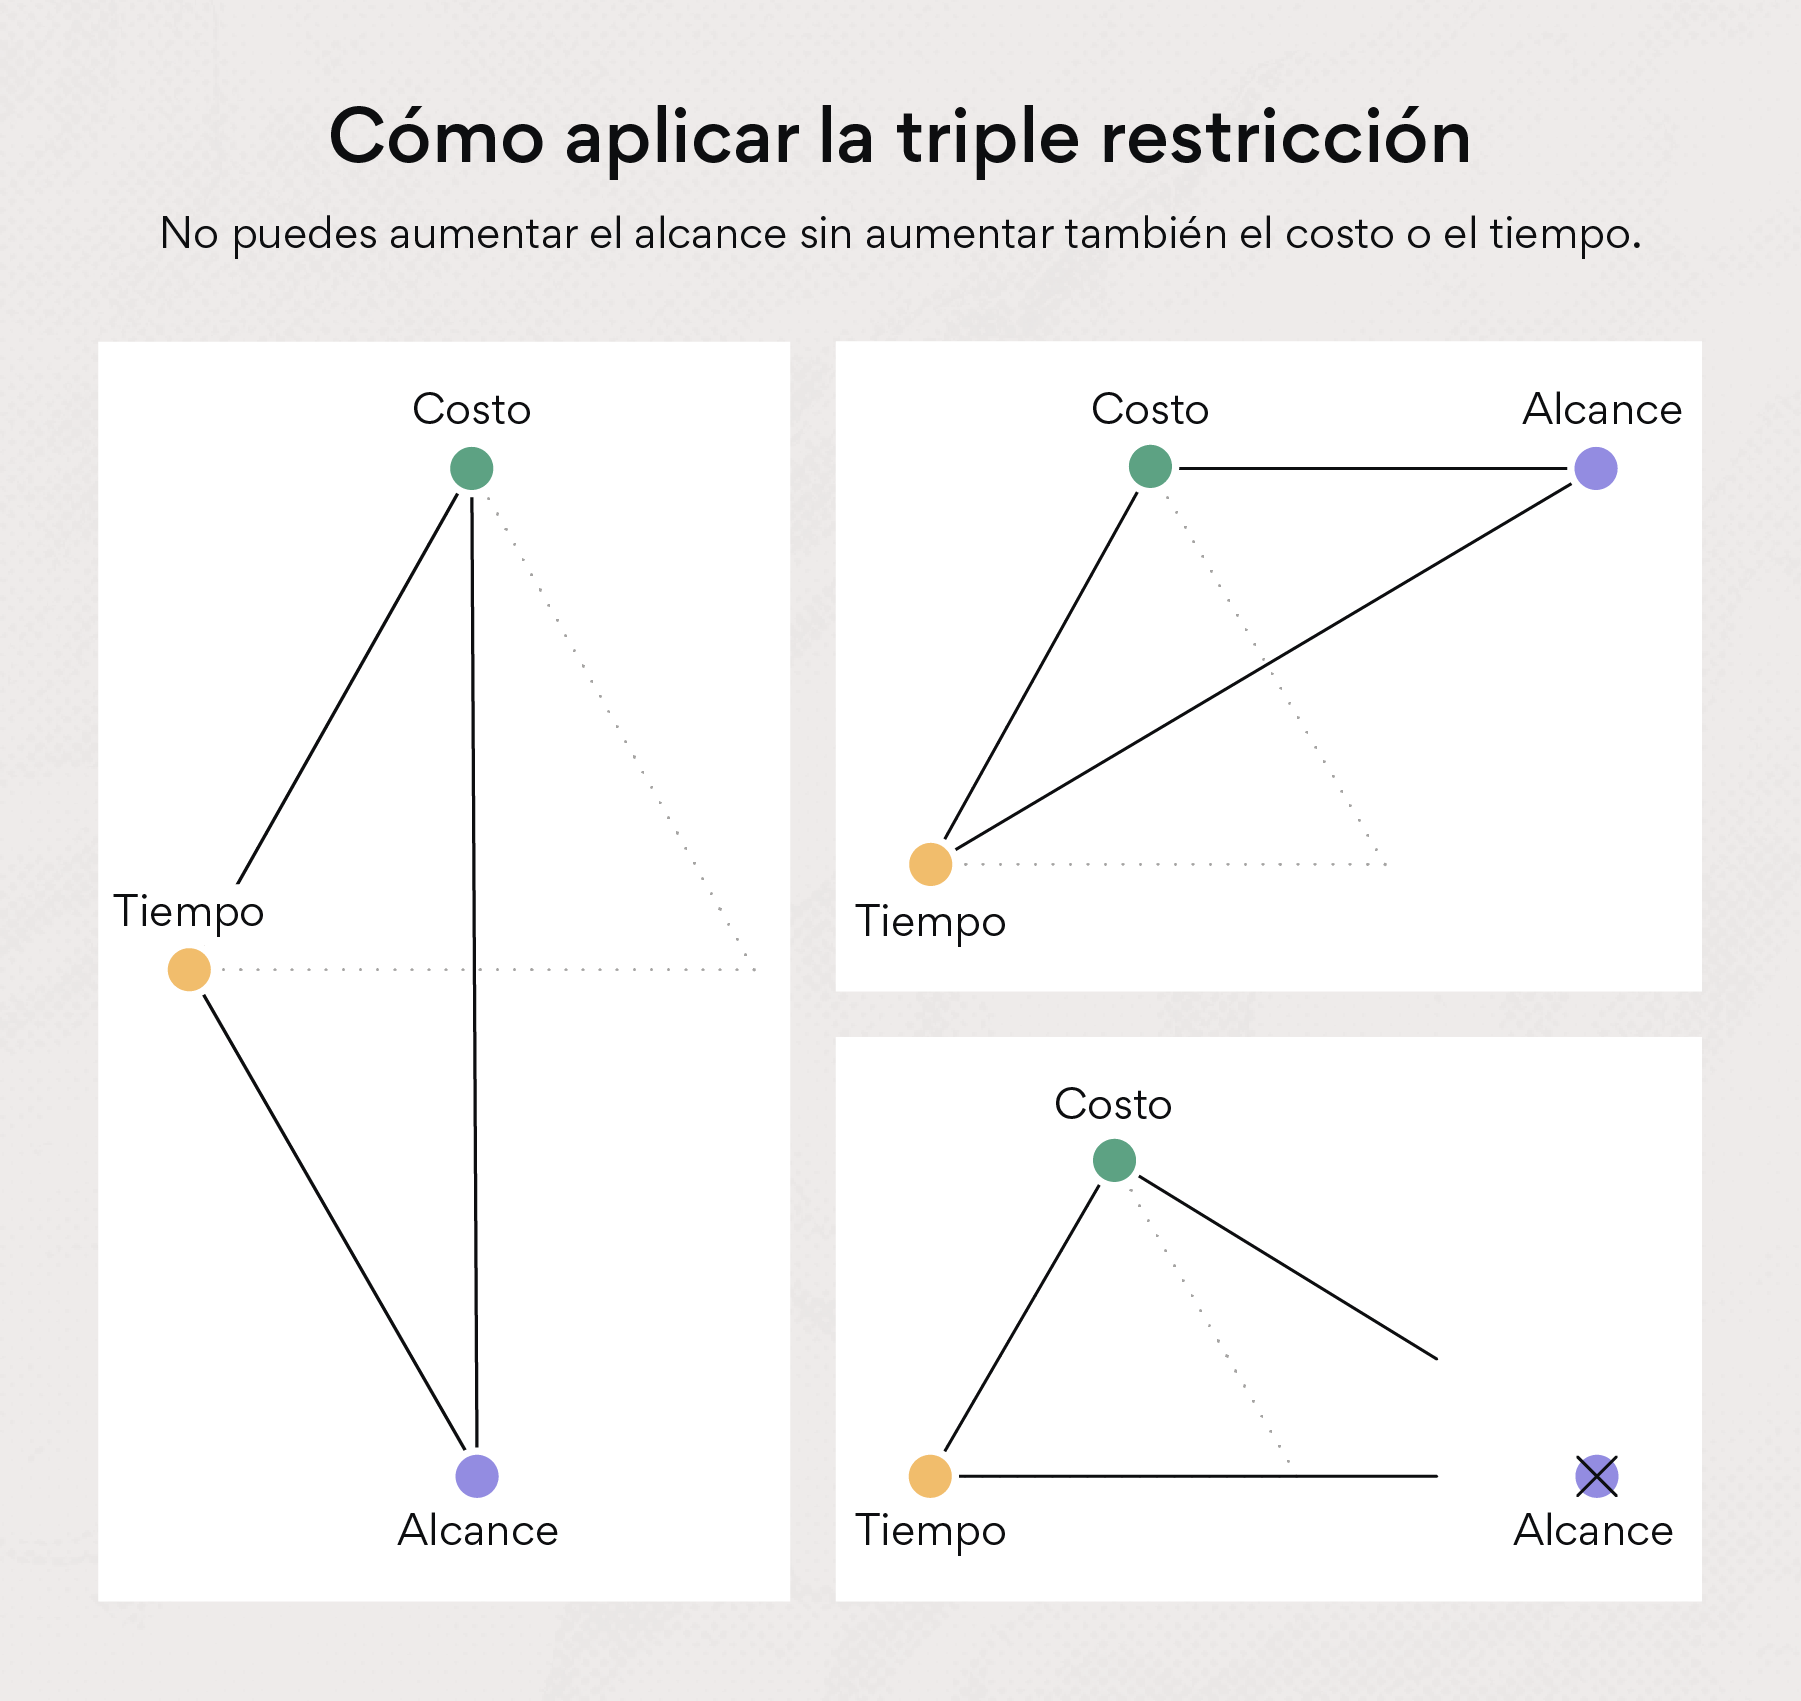 Cómo aplicar la triple restricción